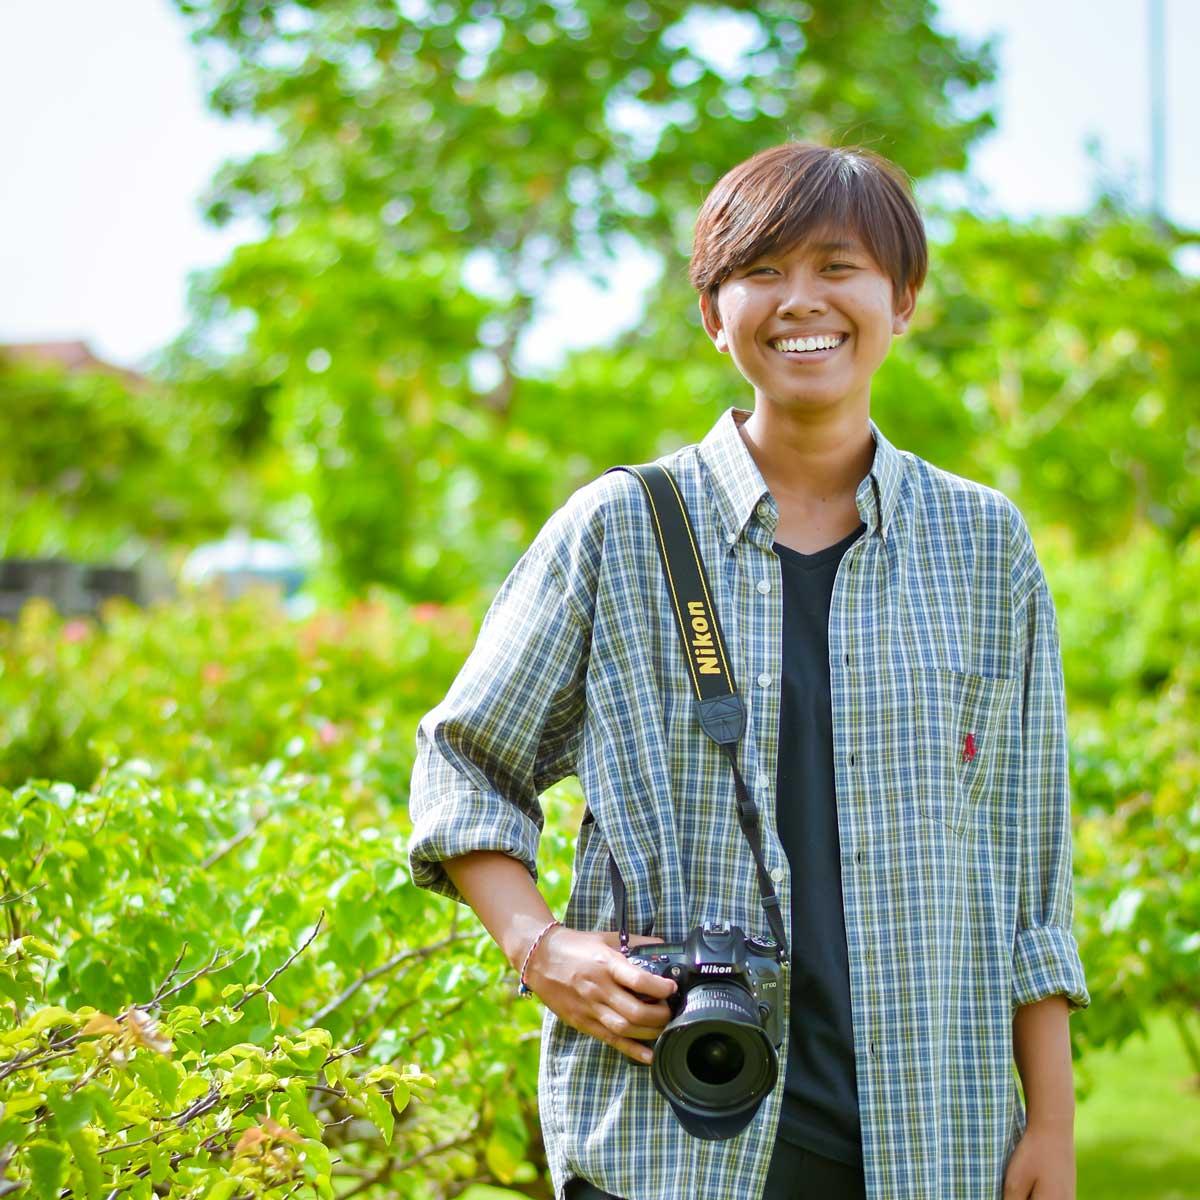 日本語カメラマンNIO